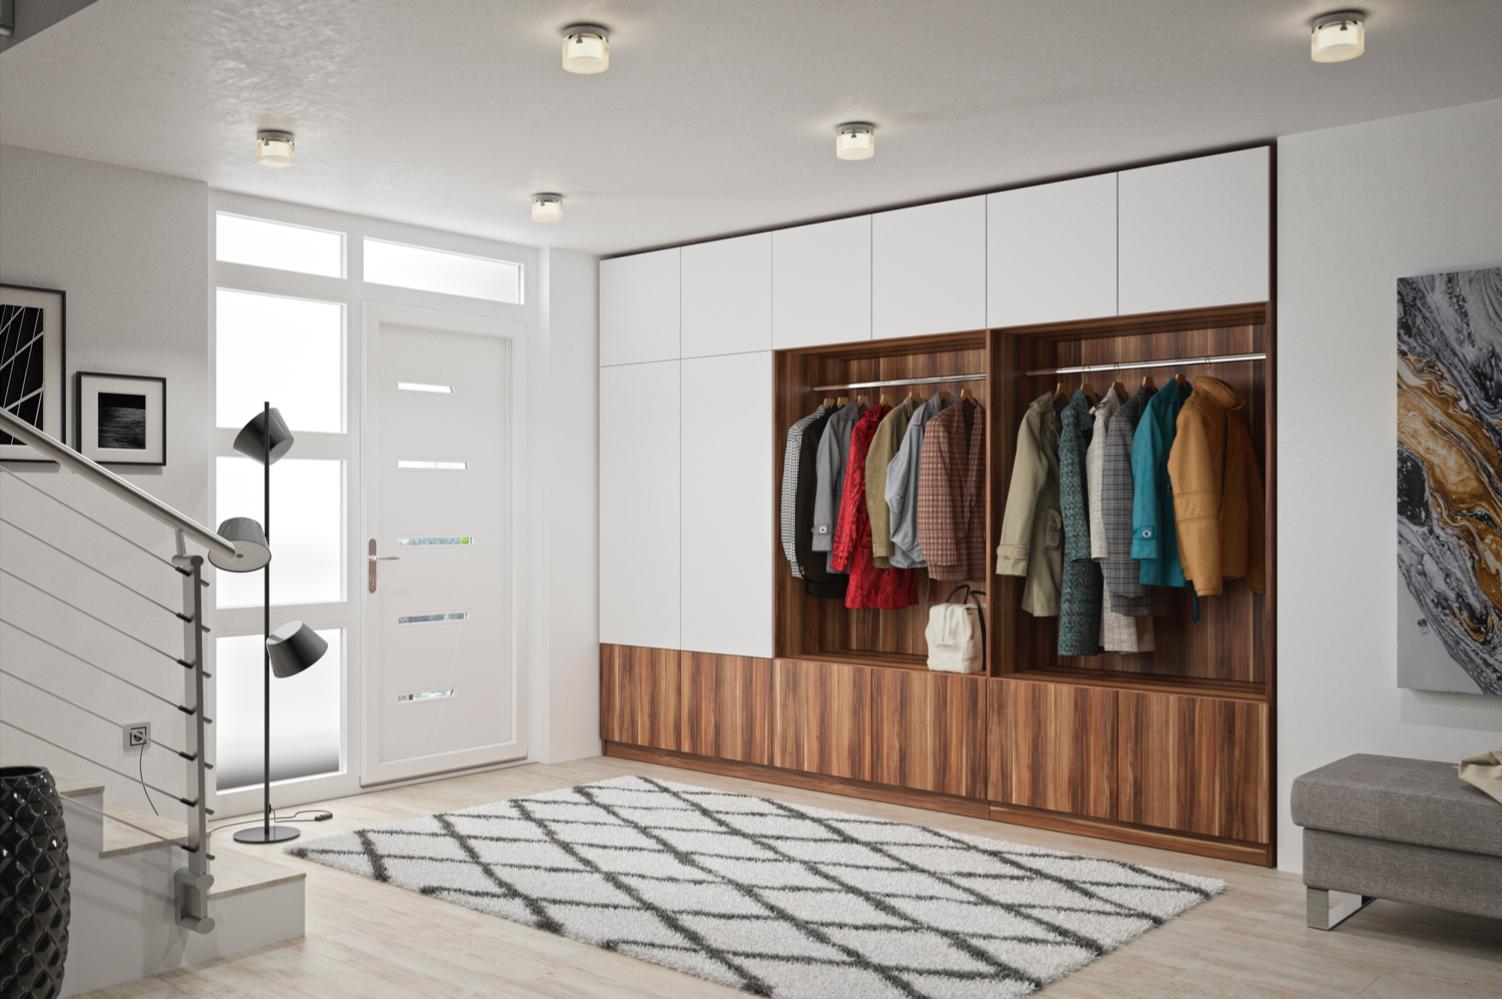 Ein Massgefertigter Garderobenschrank Fugt Sich Perfekt In Deine Nische Im Flur Ein So Kannst Du Alle Jacken U Garderobe Schrank Garderobenschrank Ideales Haus